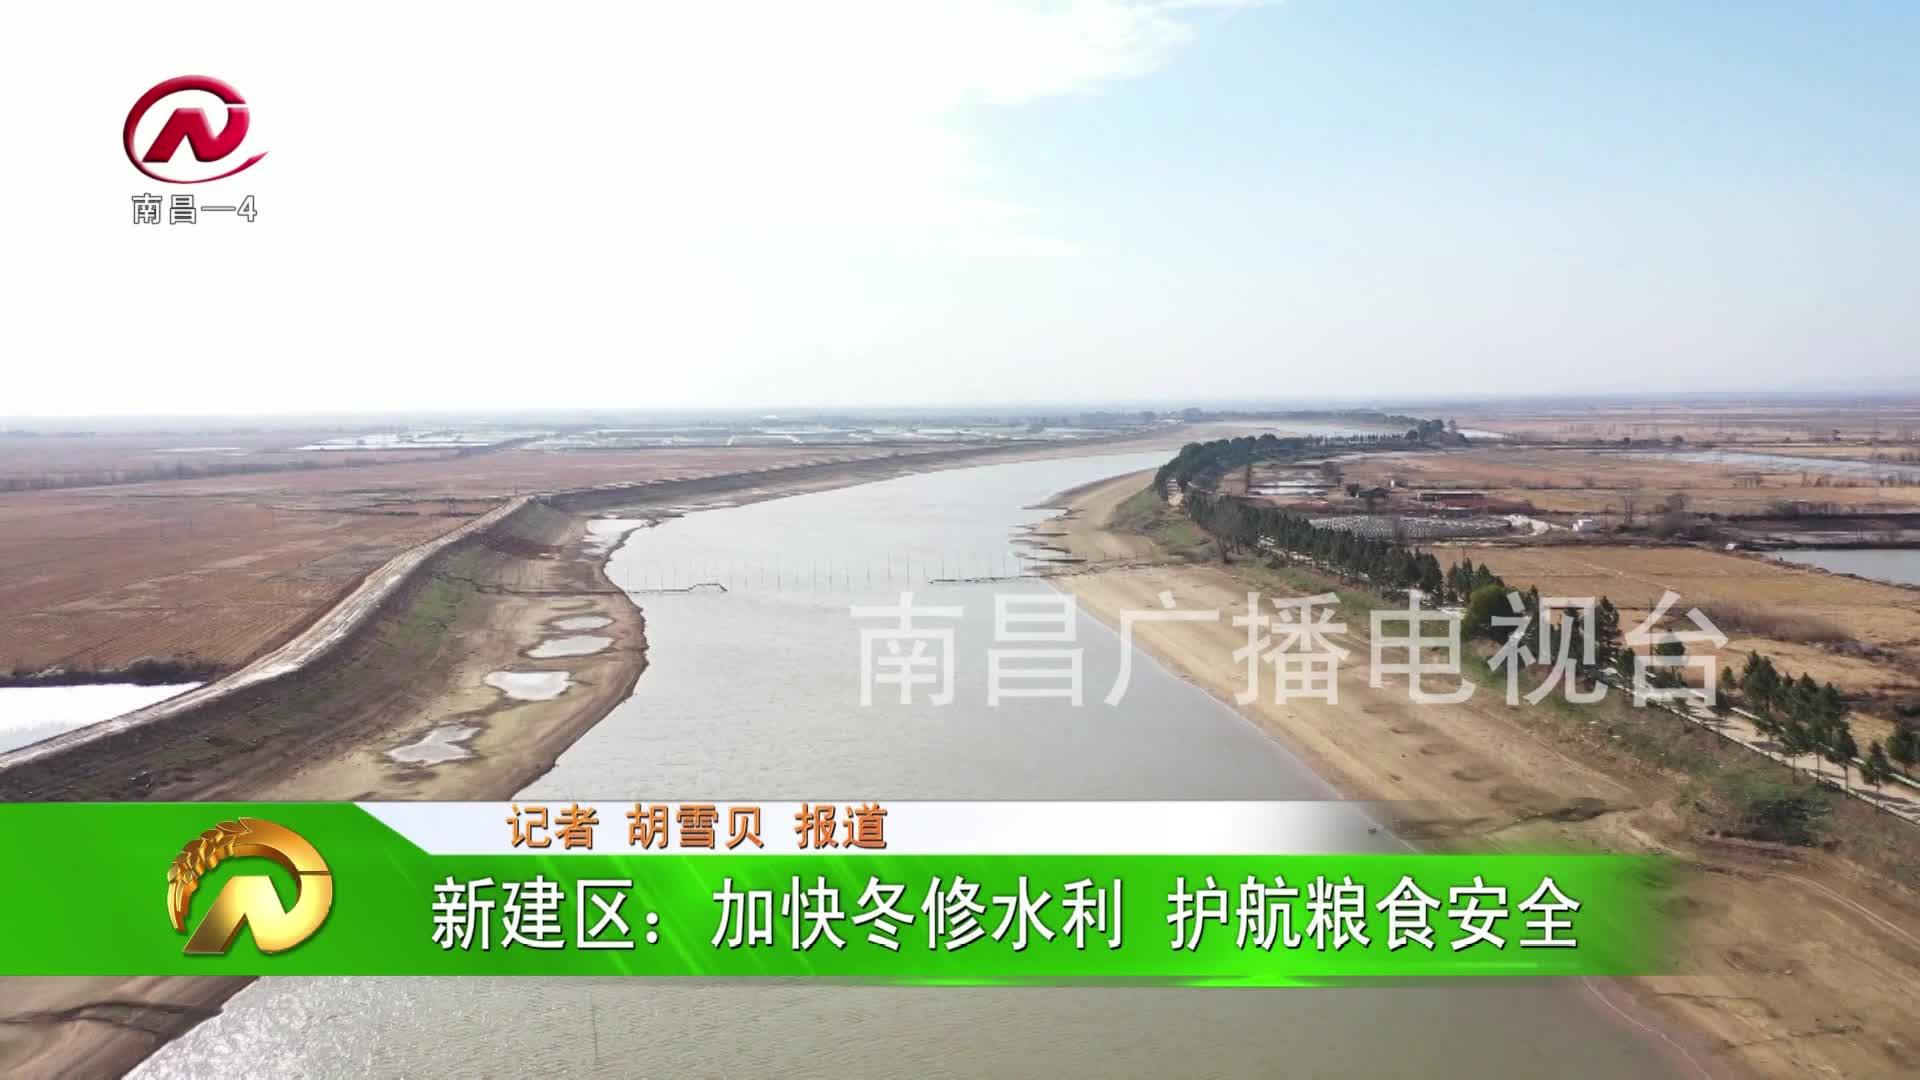 【豫章农视】新建区:加快冬修水利 护航粮食安全